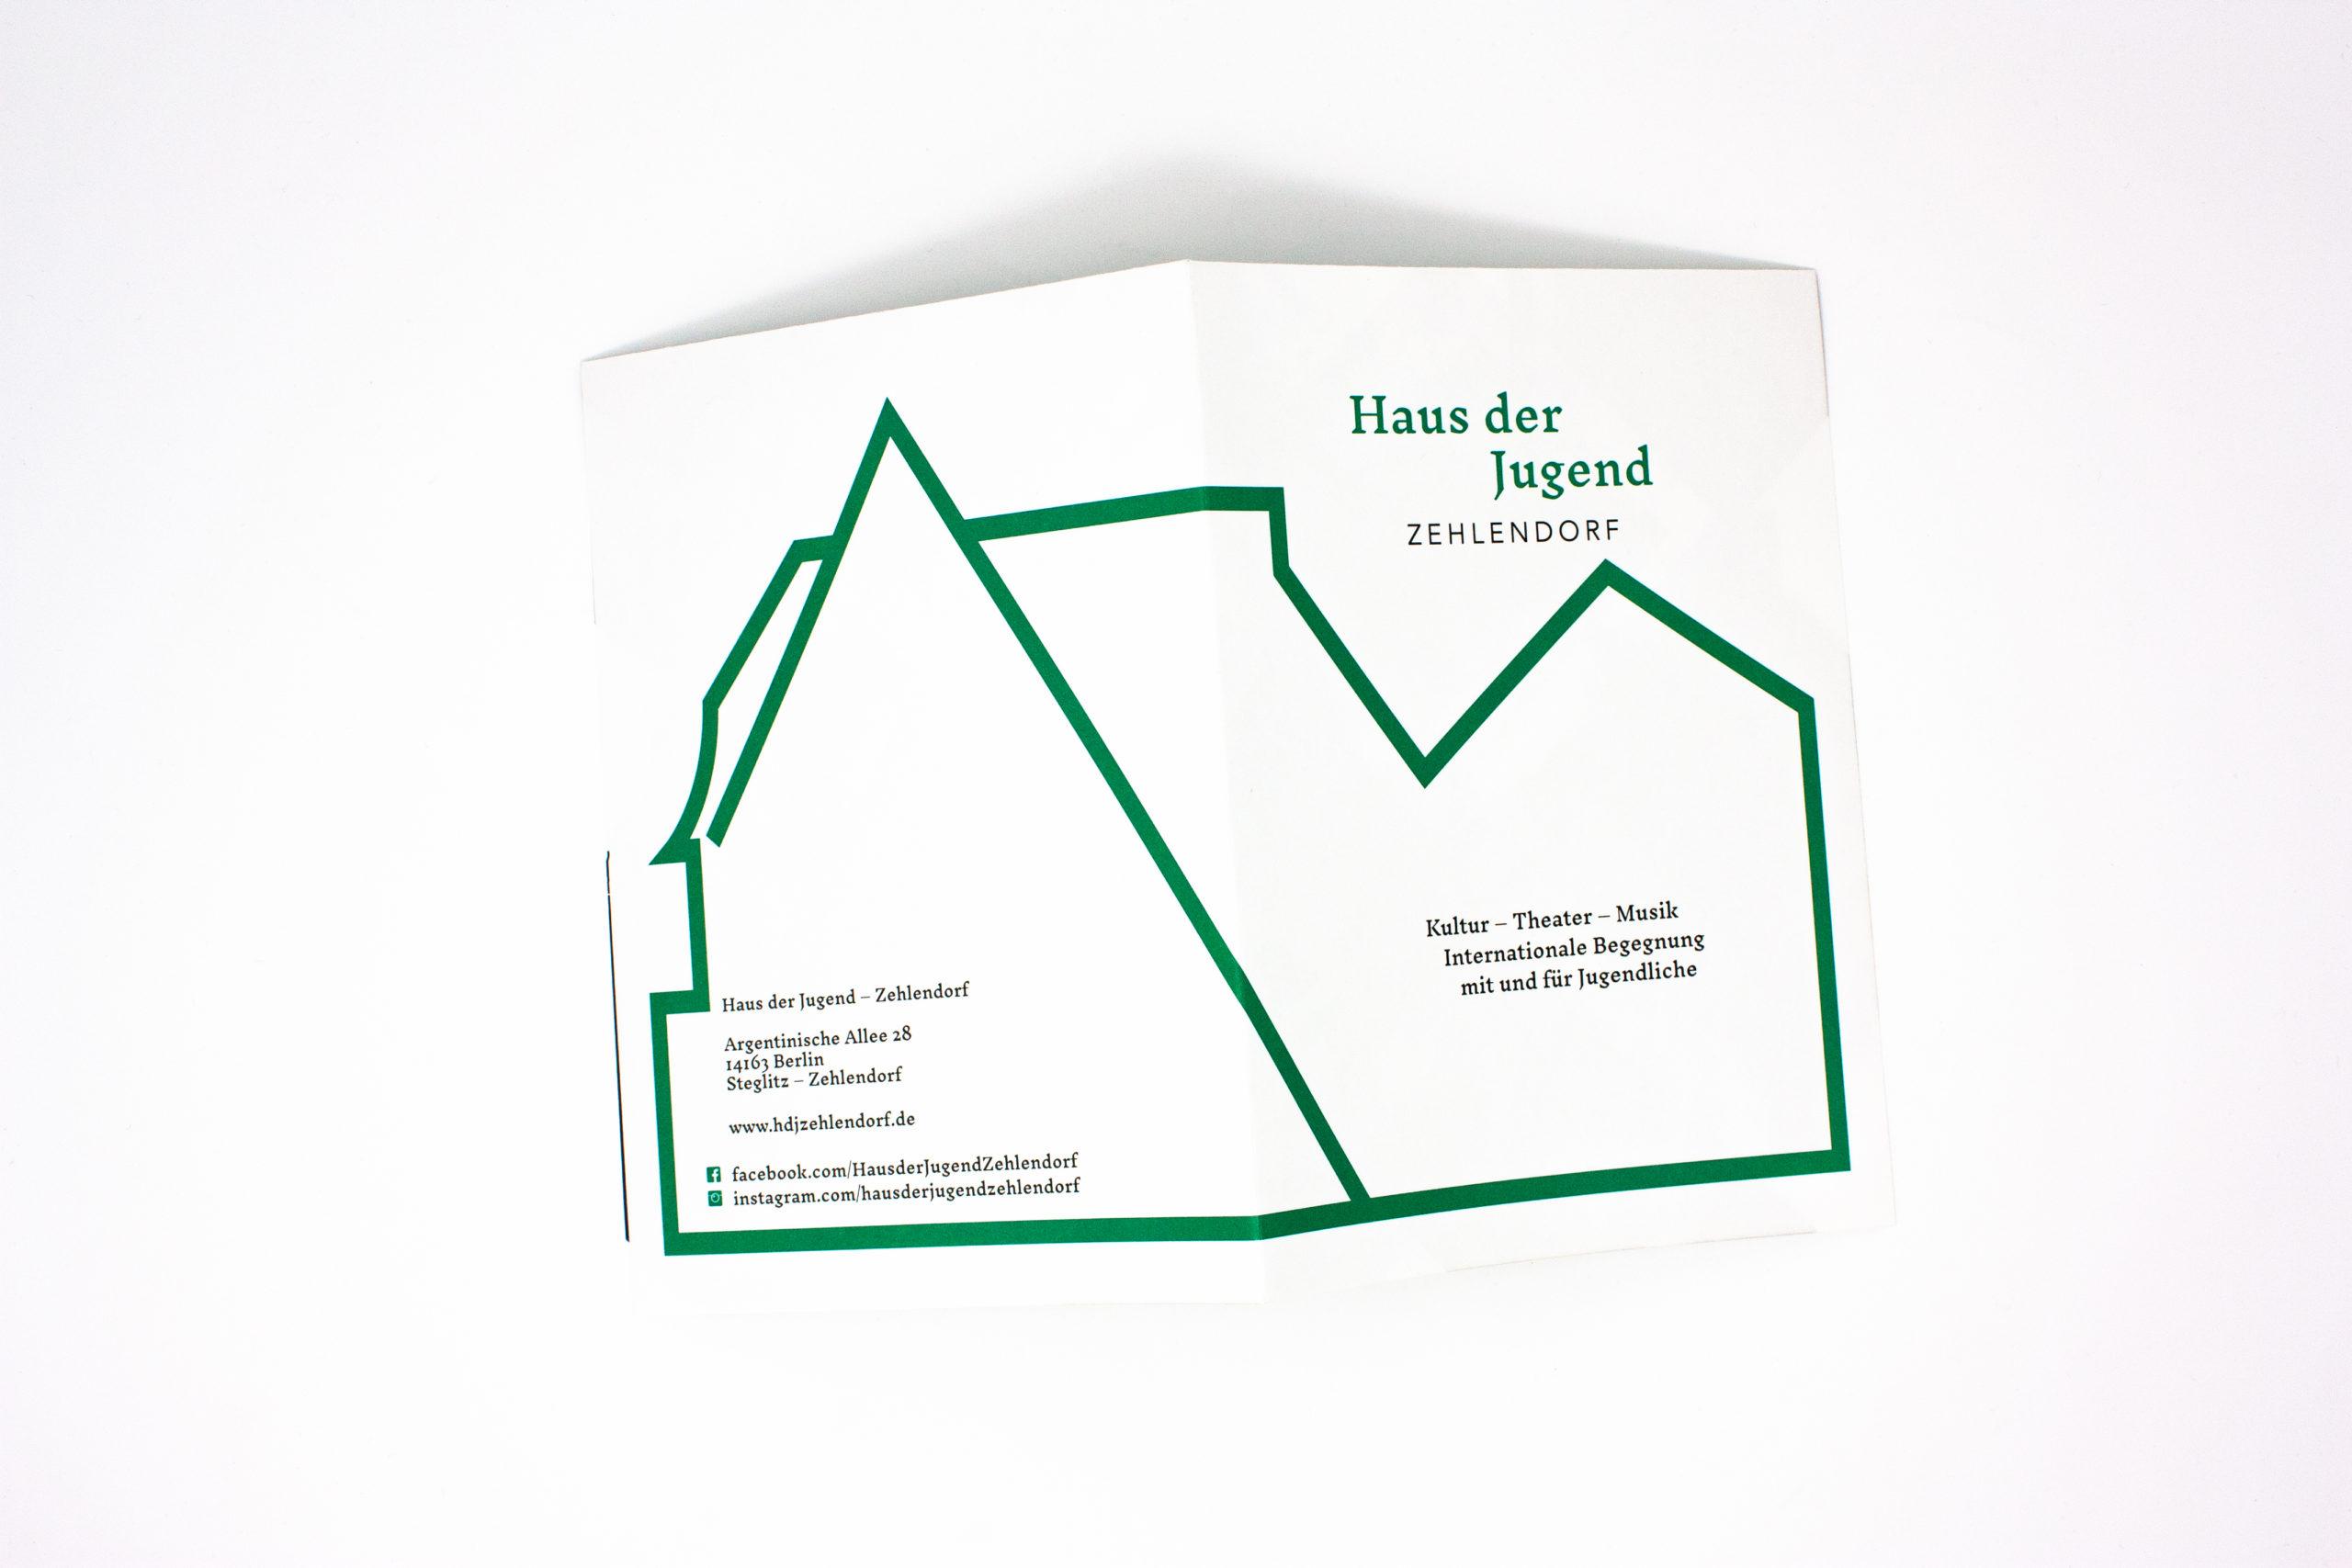 FORMLOS-Design-Haus_der_jugend_Zehlendorf-Flyer-Print